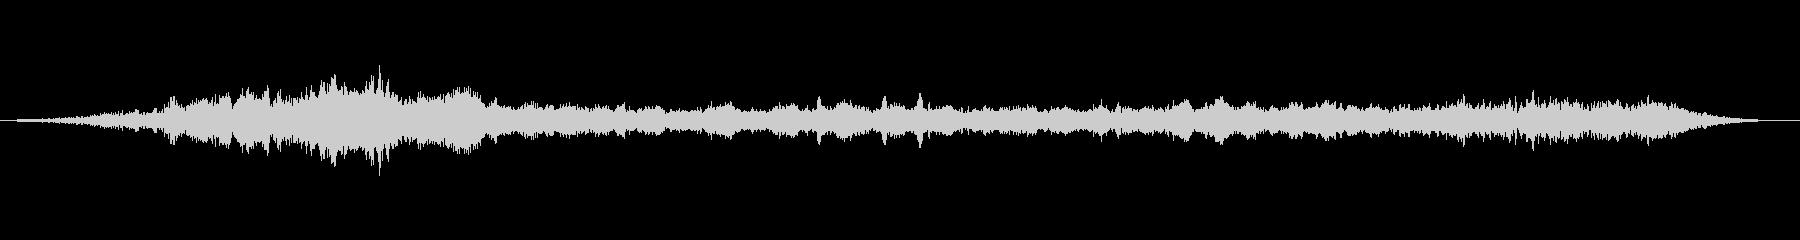 上昇 ホバーグリッチ01の未再生の波形